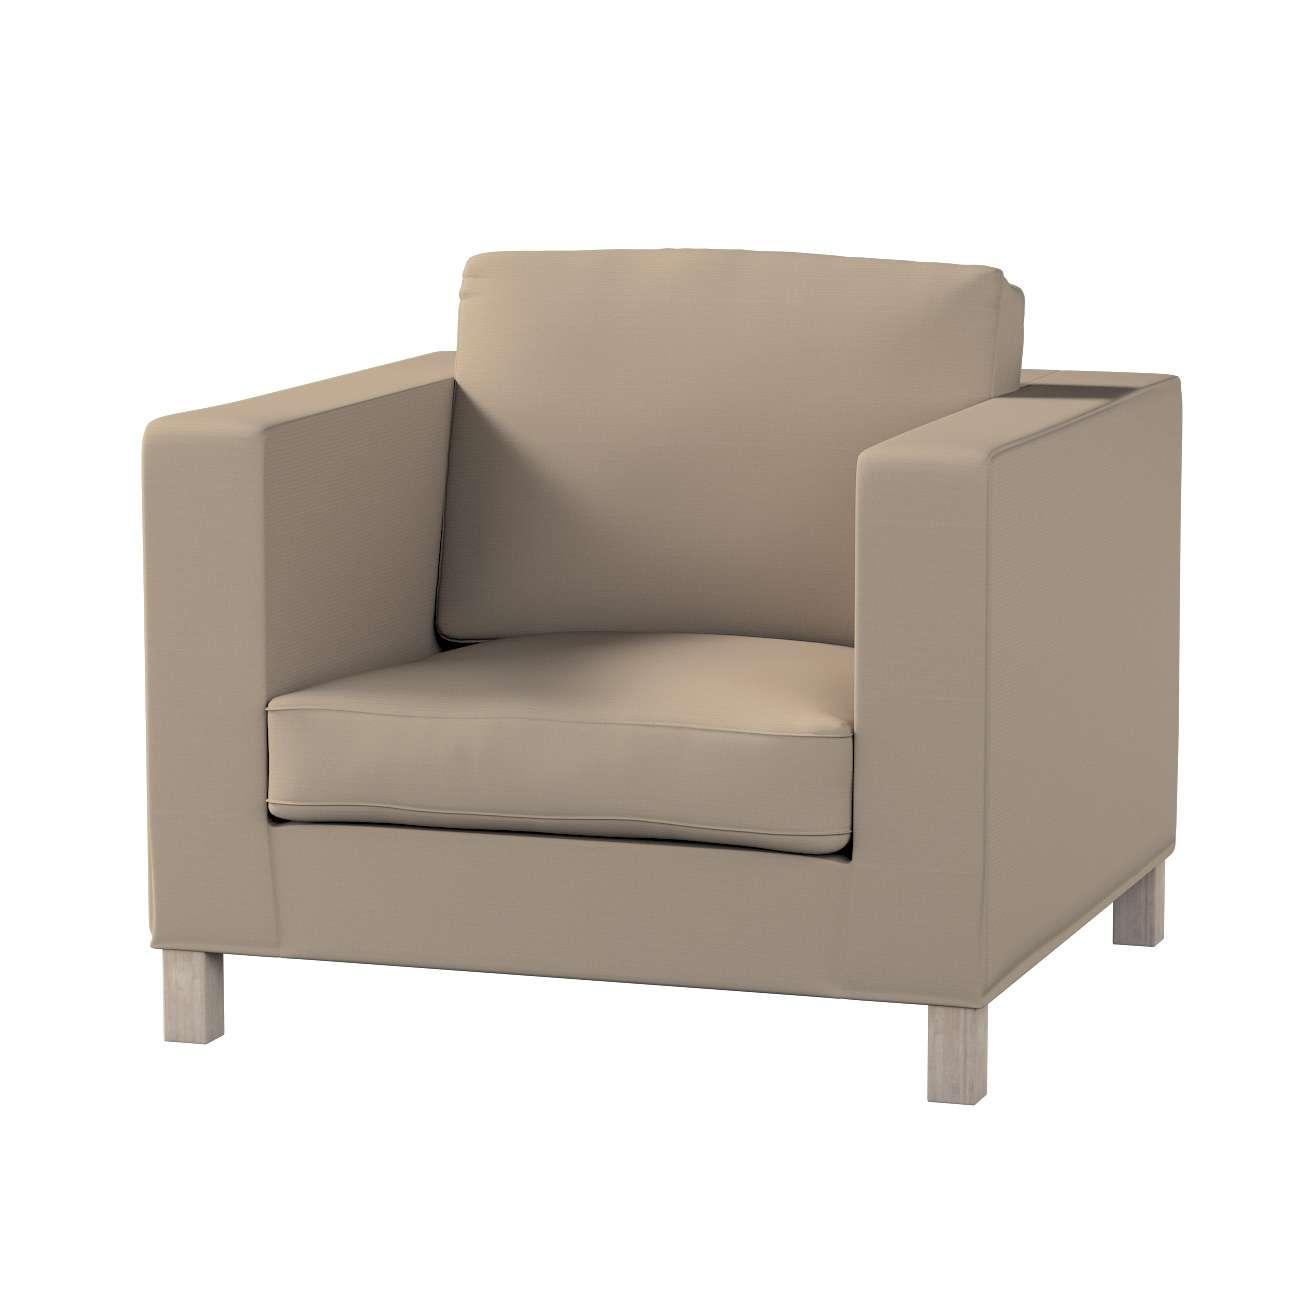 Pokrowiec na fotel Karlanda, krótki fotel Karlanda w kolekcji Cotton Panama, tkanina: 702-28